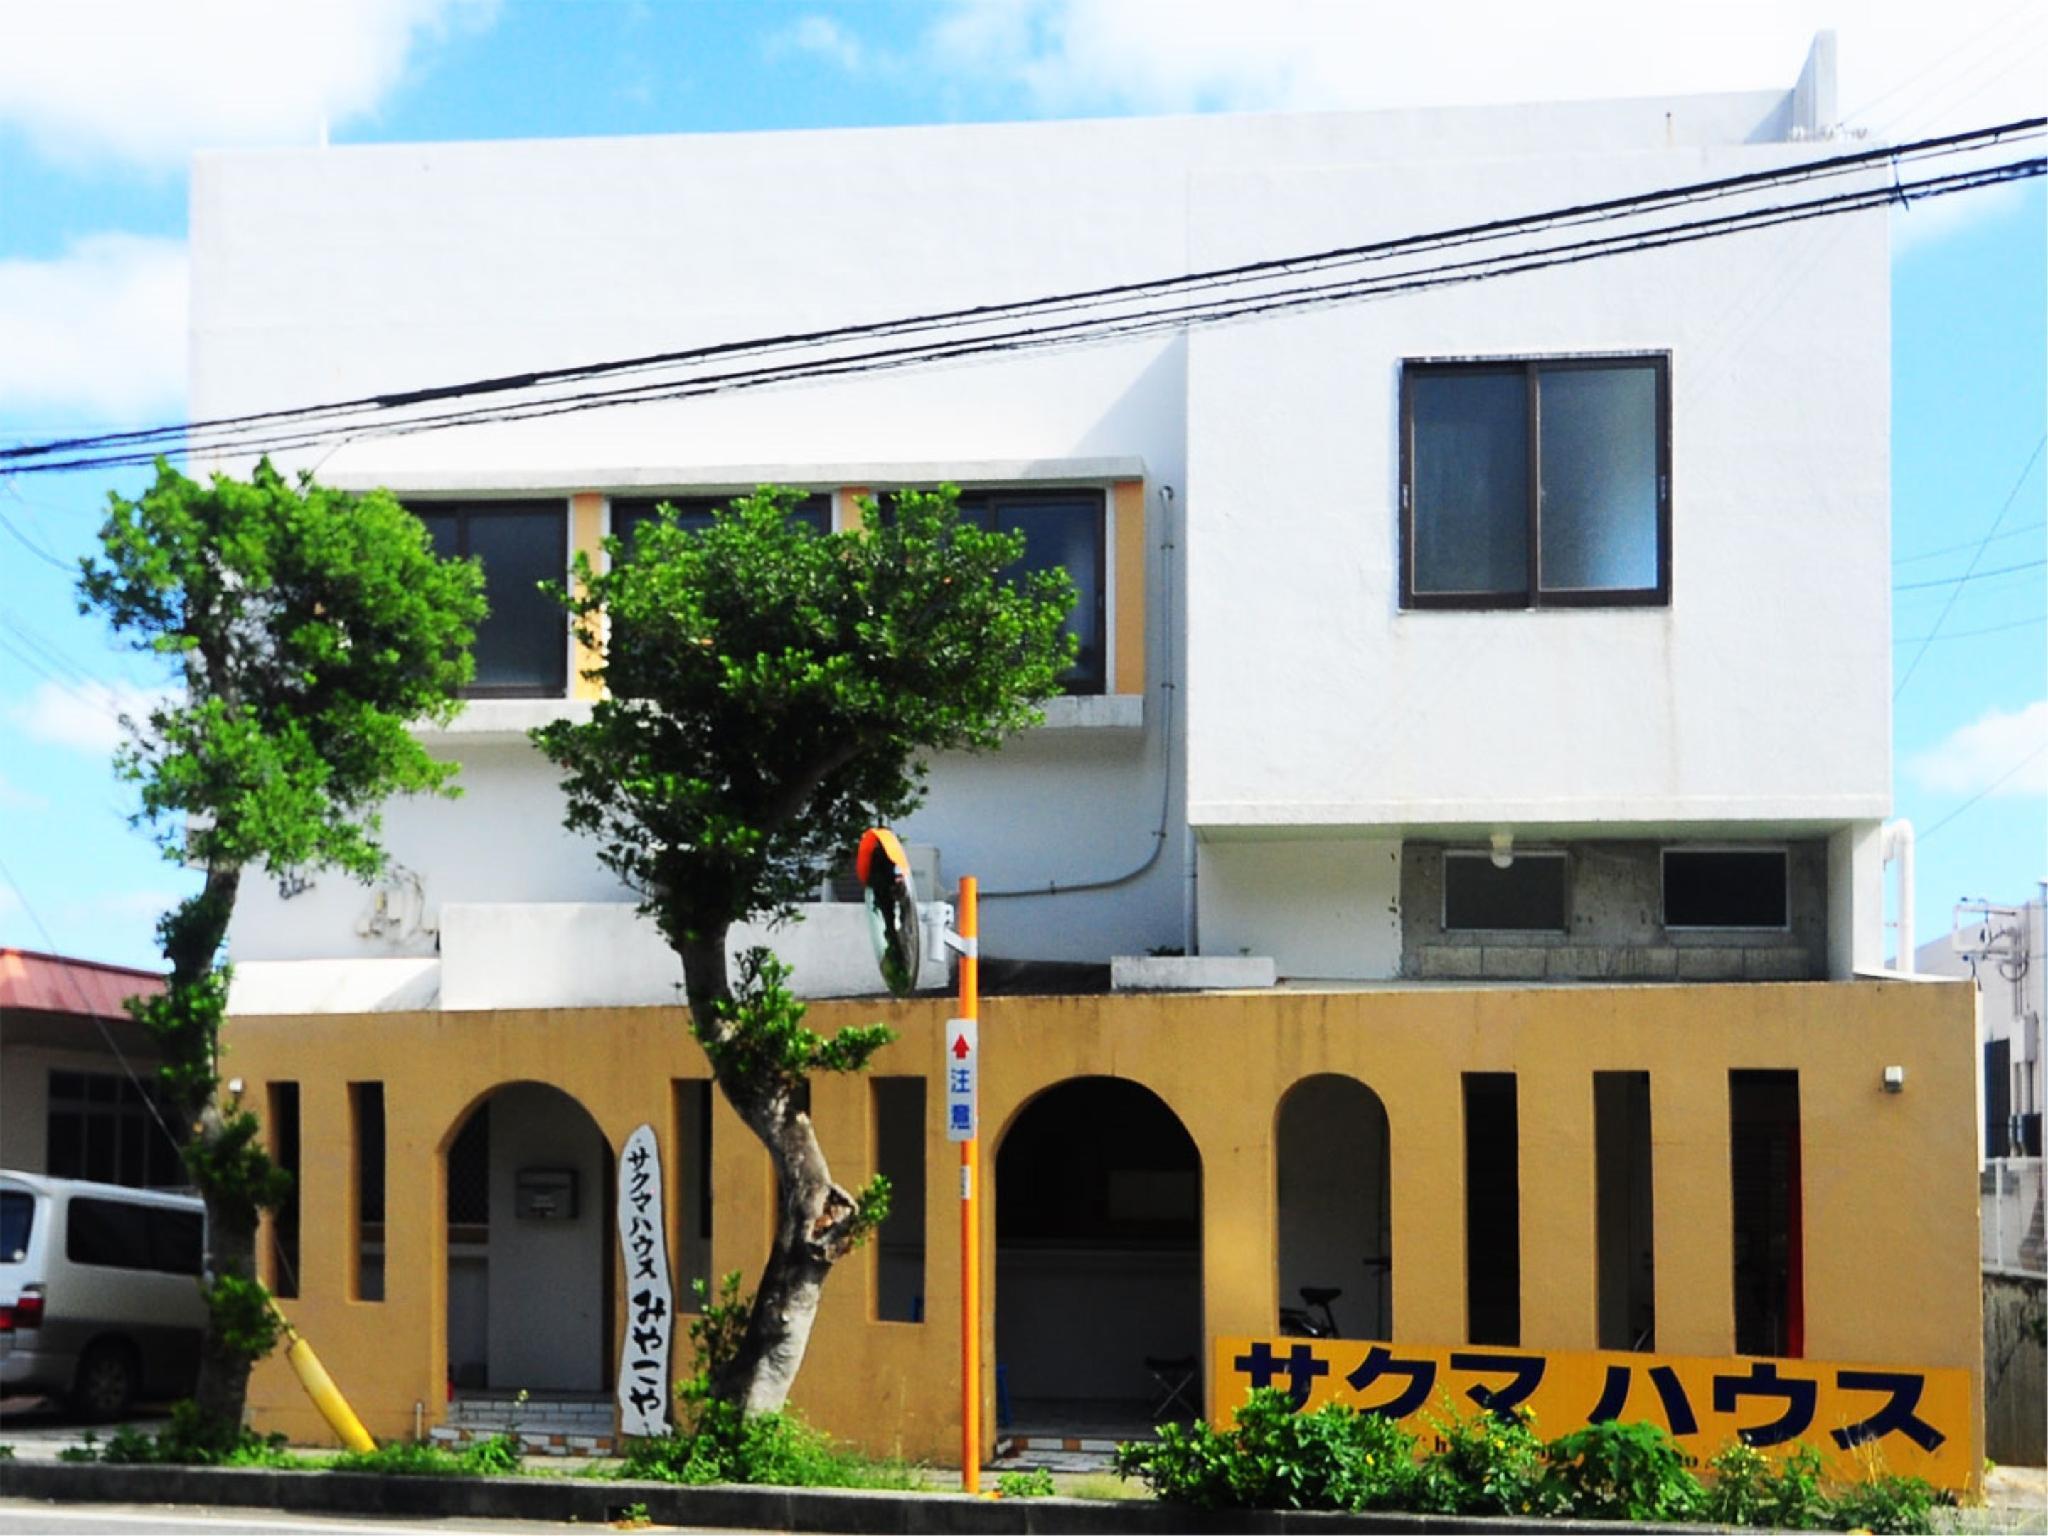 Sakumahouse Miyakoya